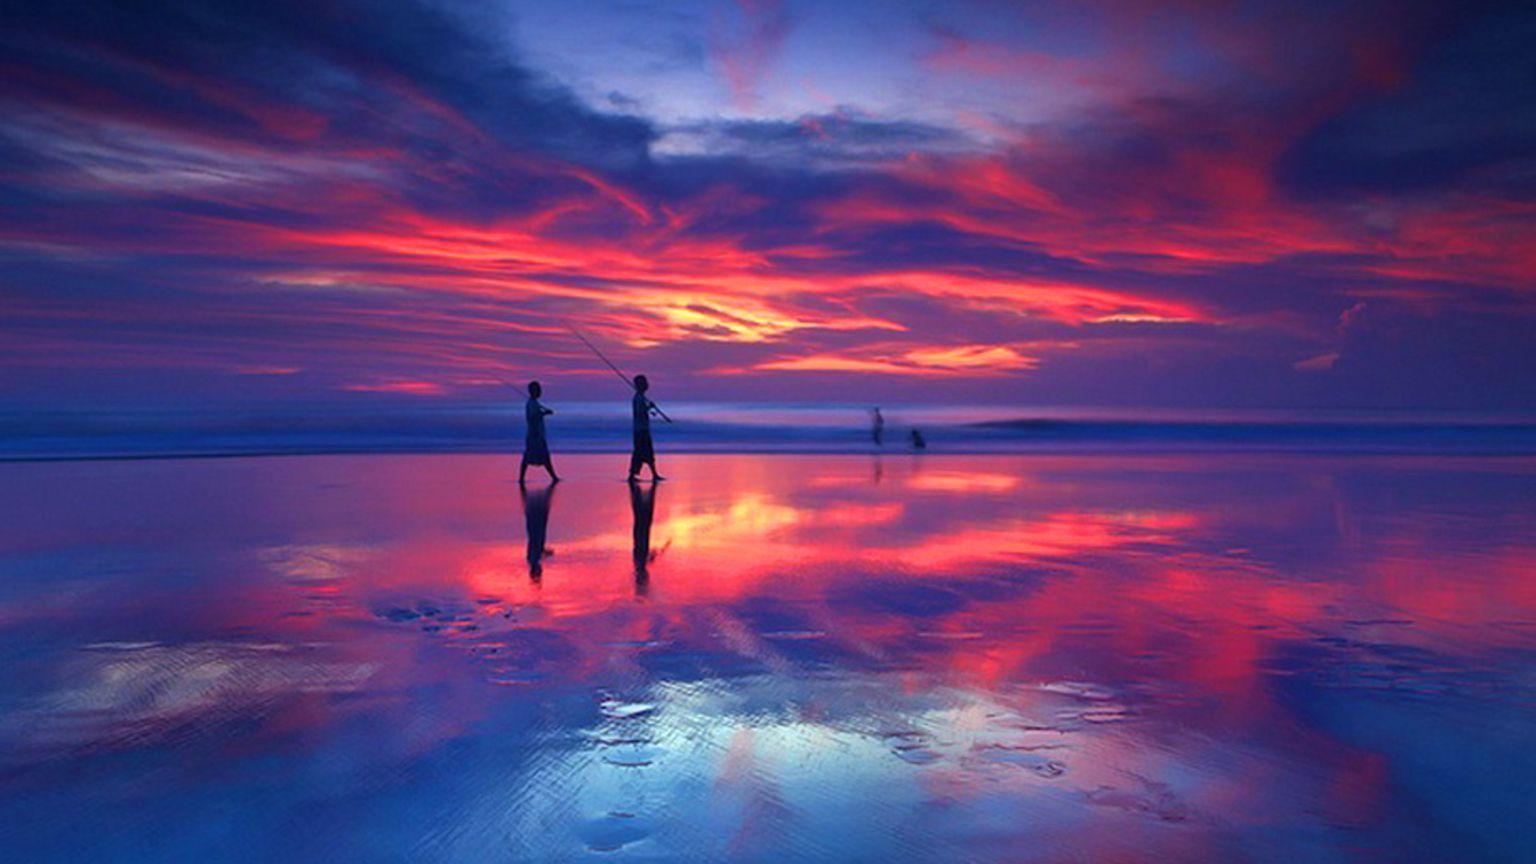 Fond d'écran de coucher de soleil